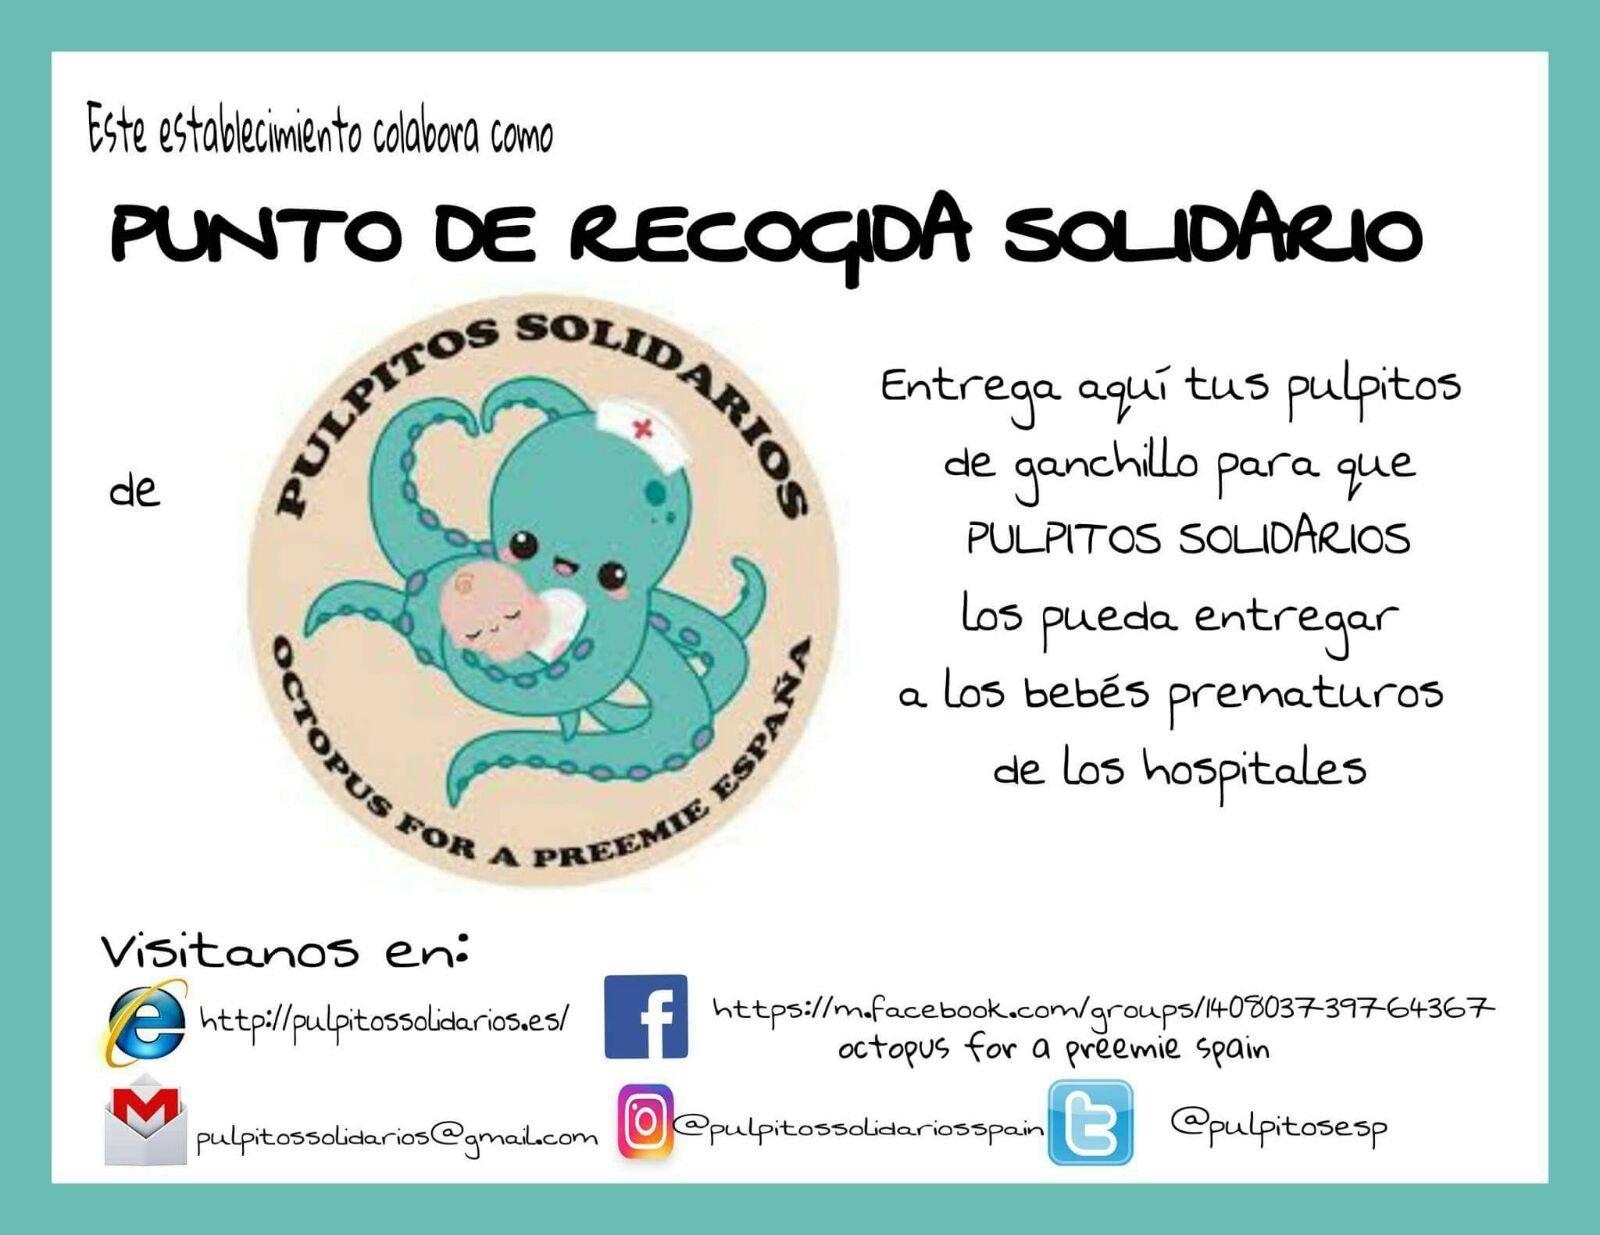 Pulpitos solidarios (octopus for a preemie) - ACB